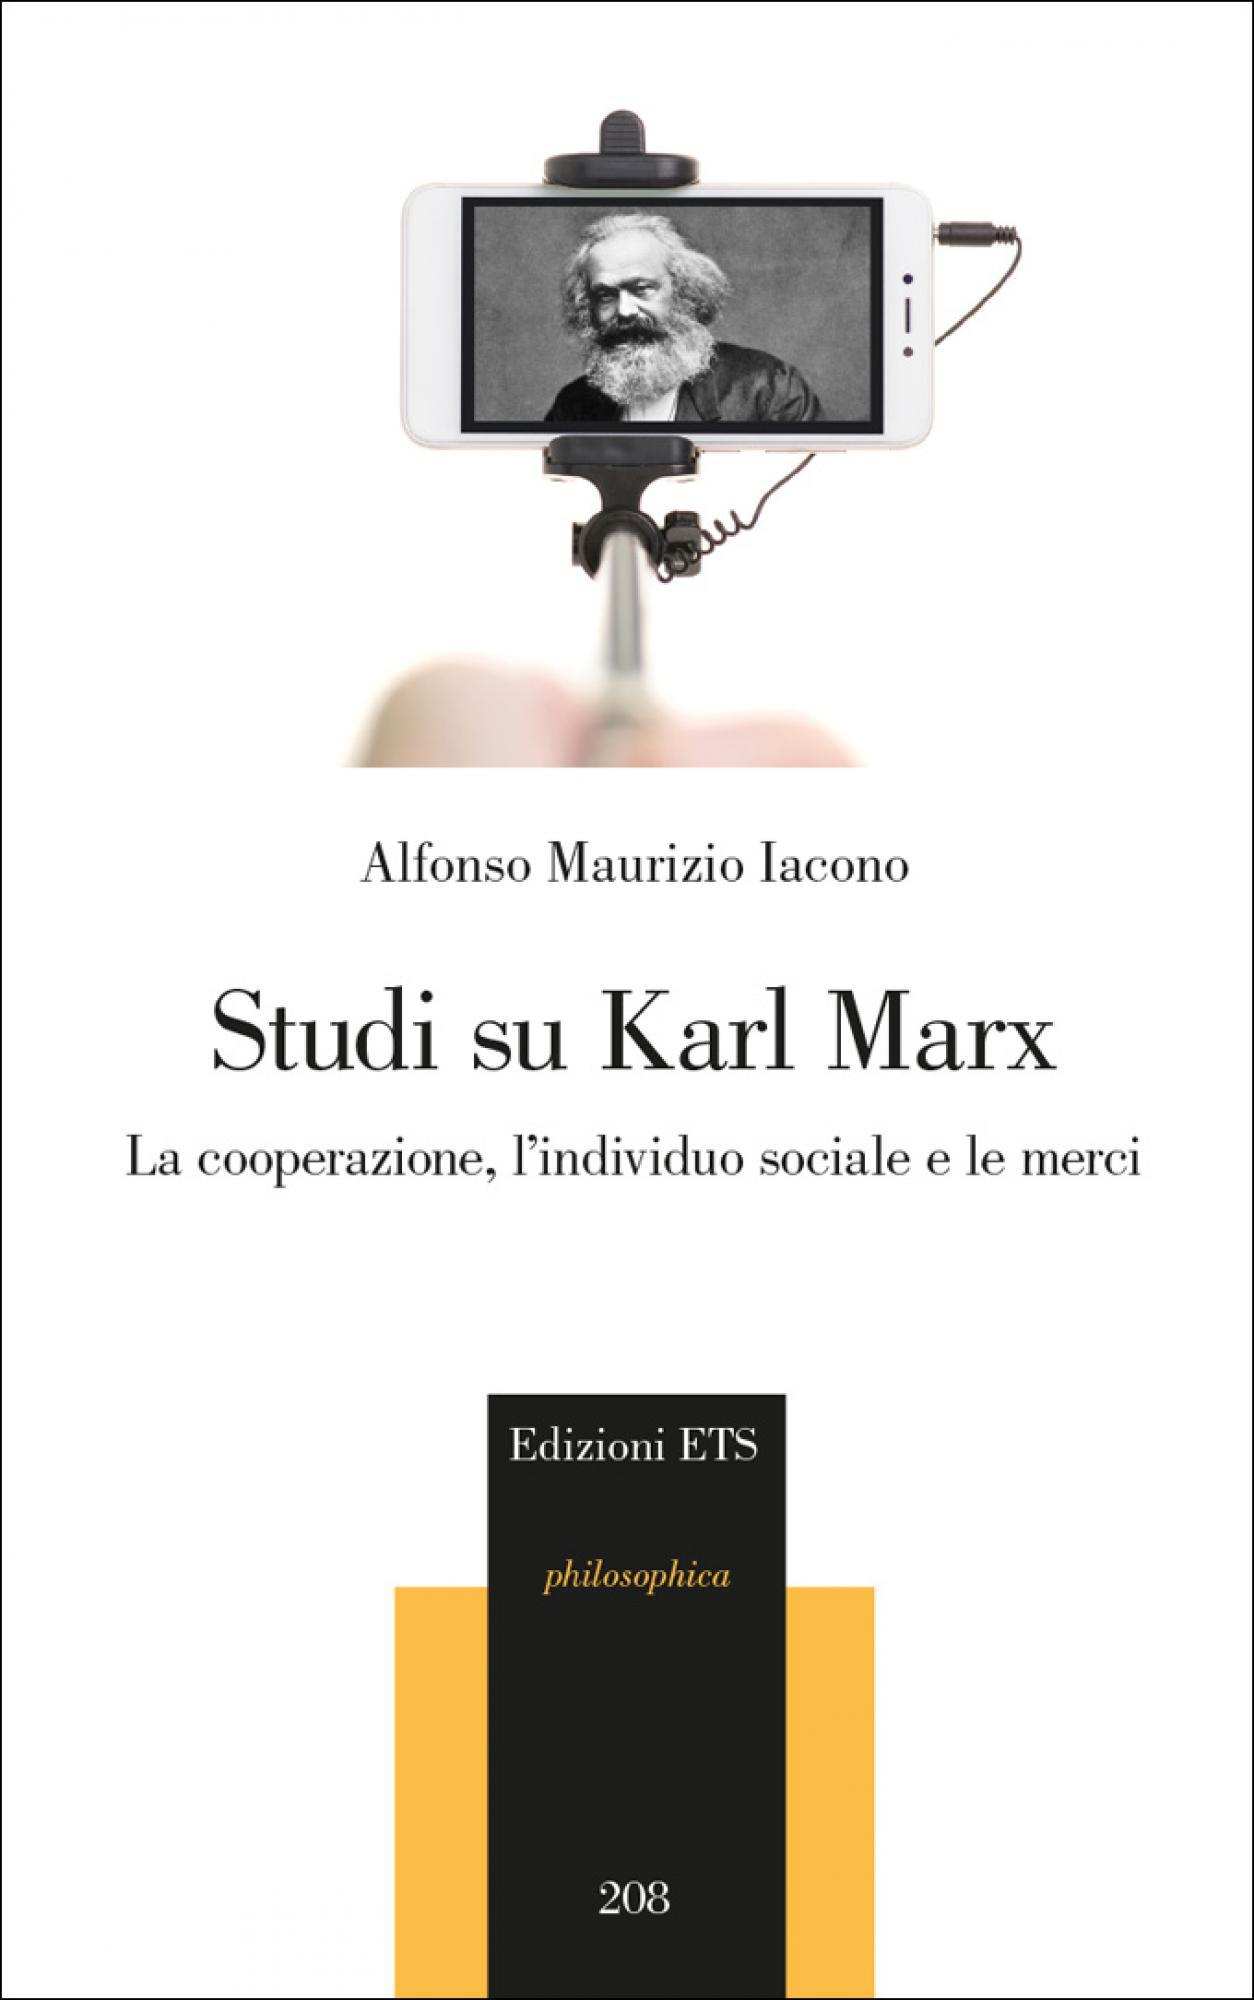 Studi su Karl Marx.La cooperazione, l'individuo sociale e le merci